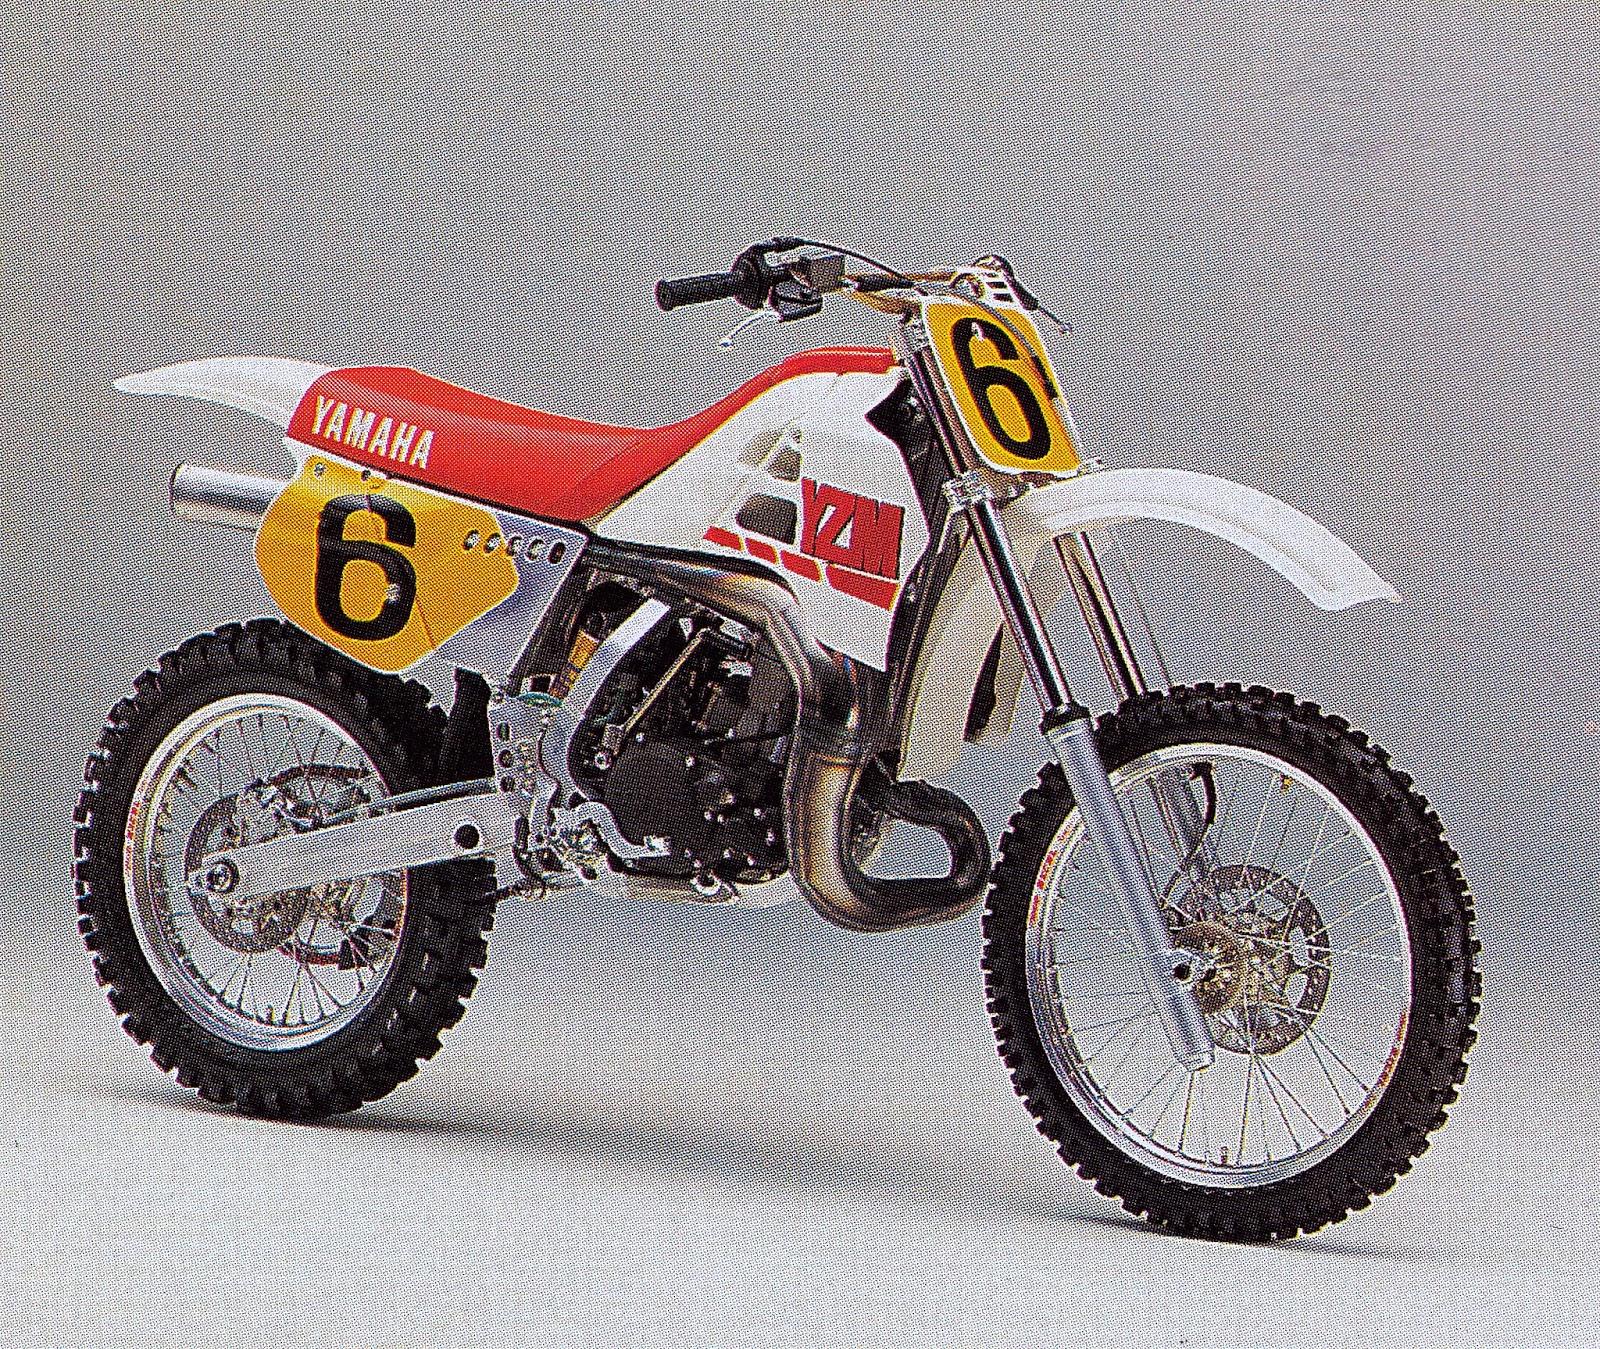 Daily moto 1987 factory yamaha yzm500 for 1987 yamaha moto 4